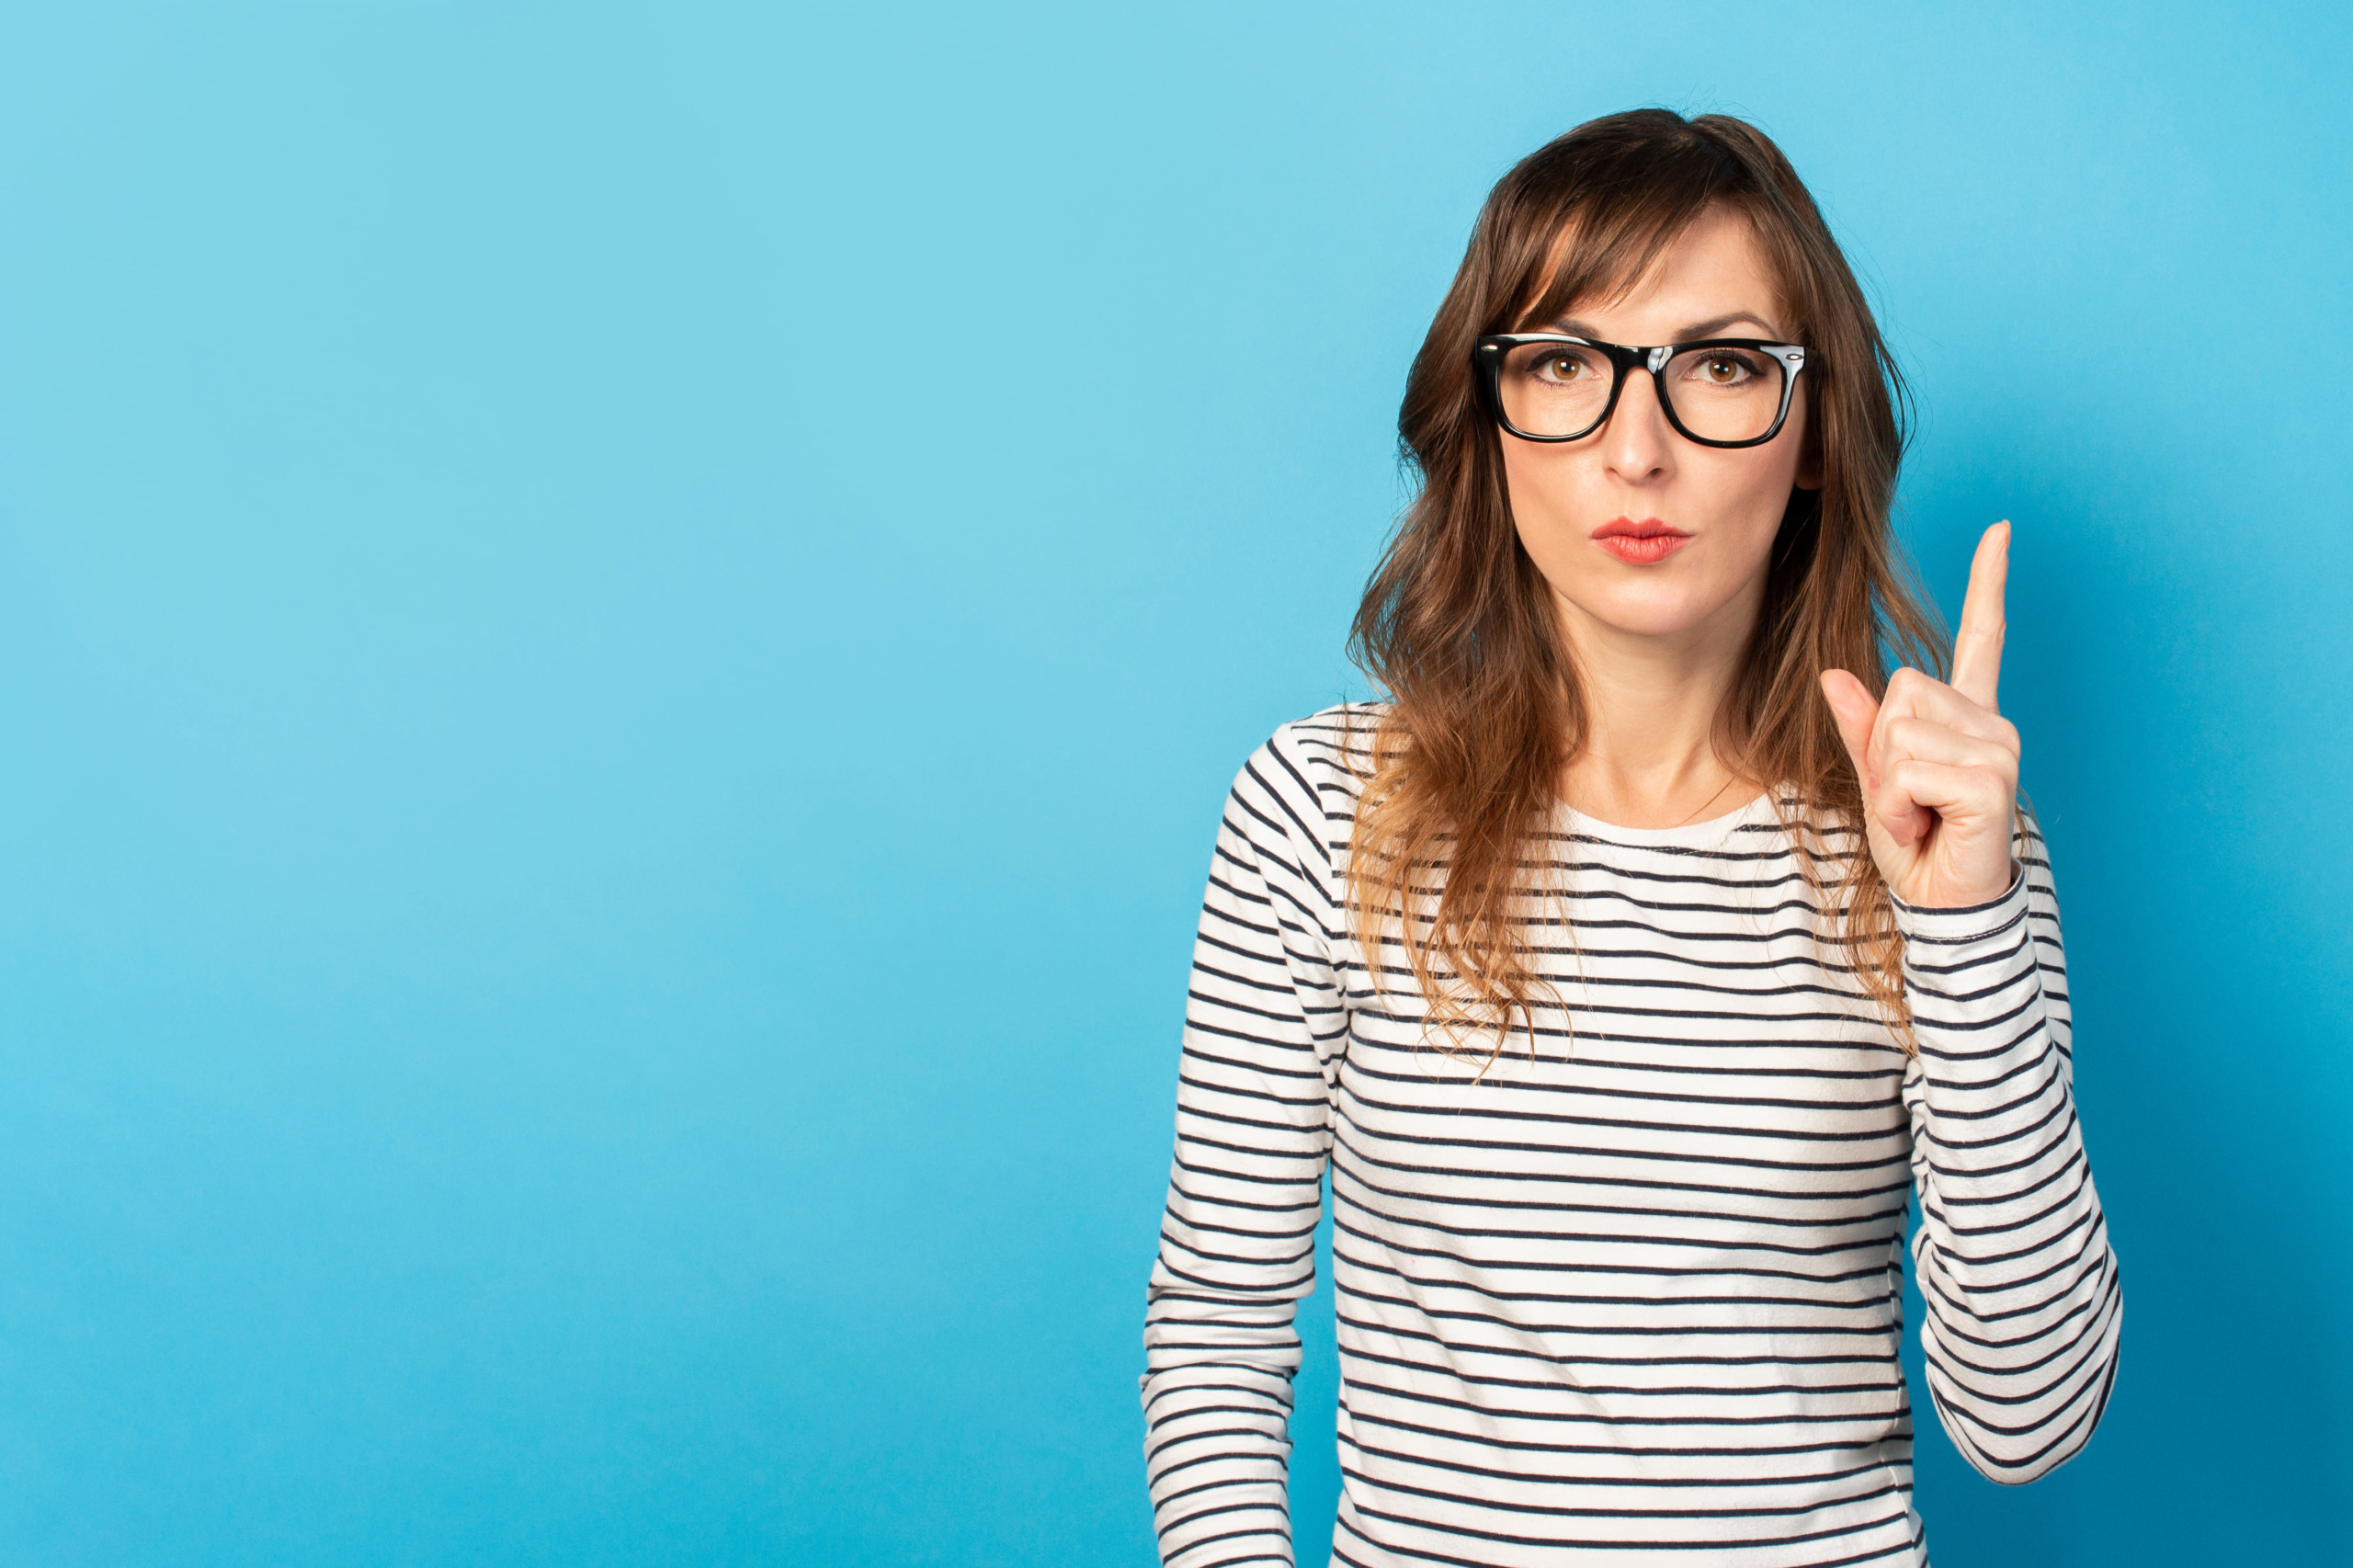 メガネかけた女性がアドバイスをしている